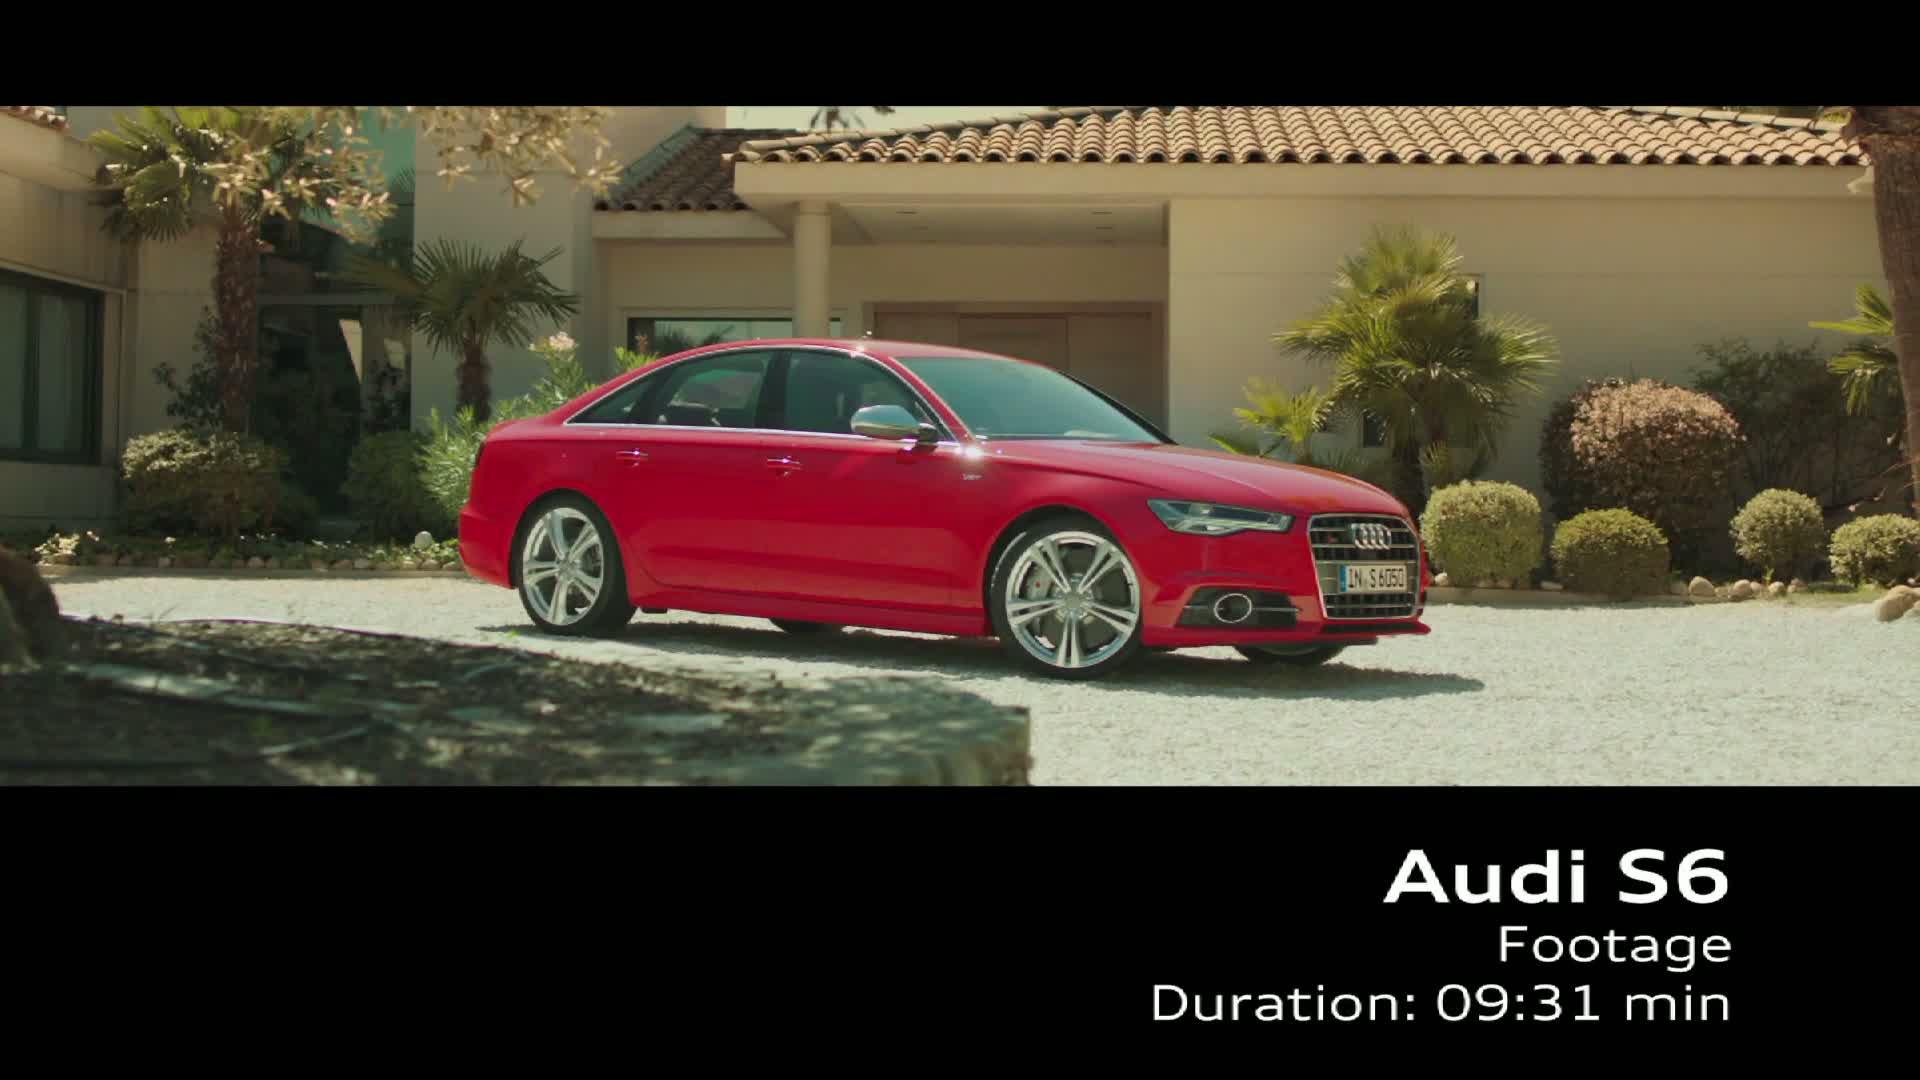 Der Audi S6 - Footage